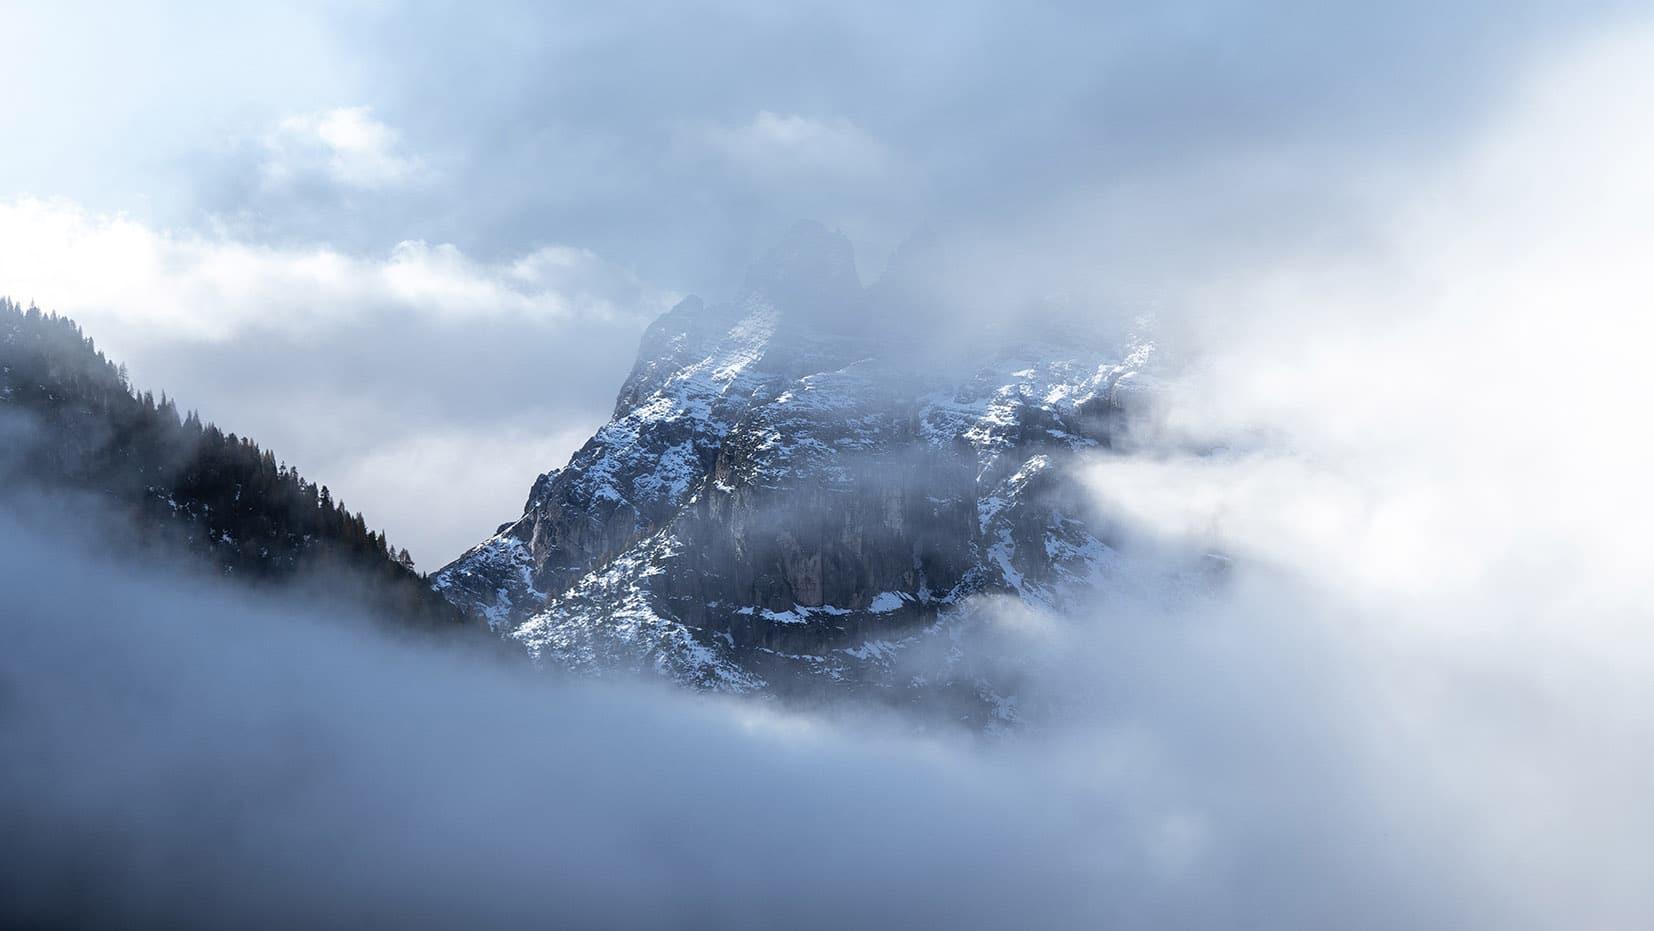 montagne nuages cachée sapins neige